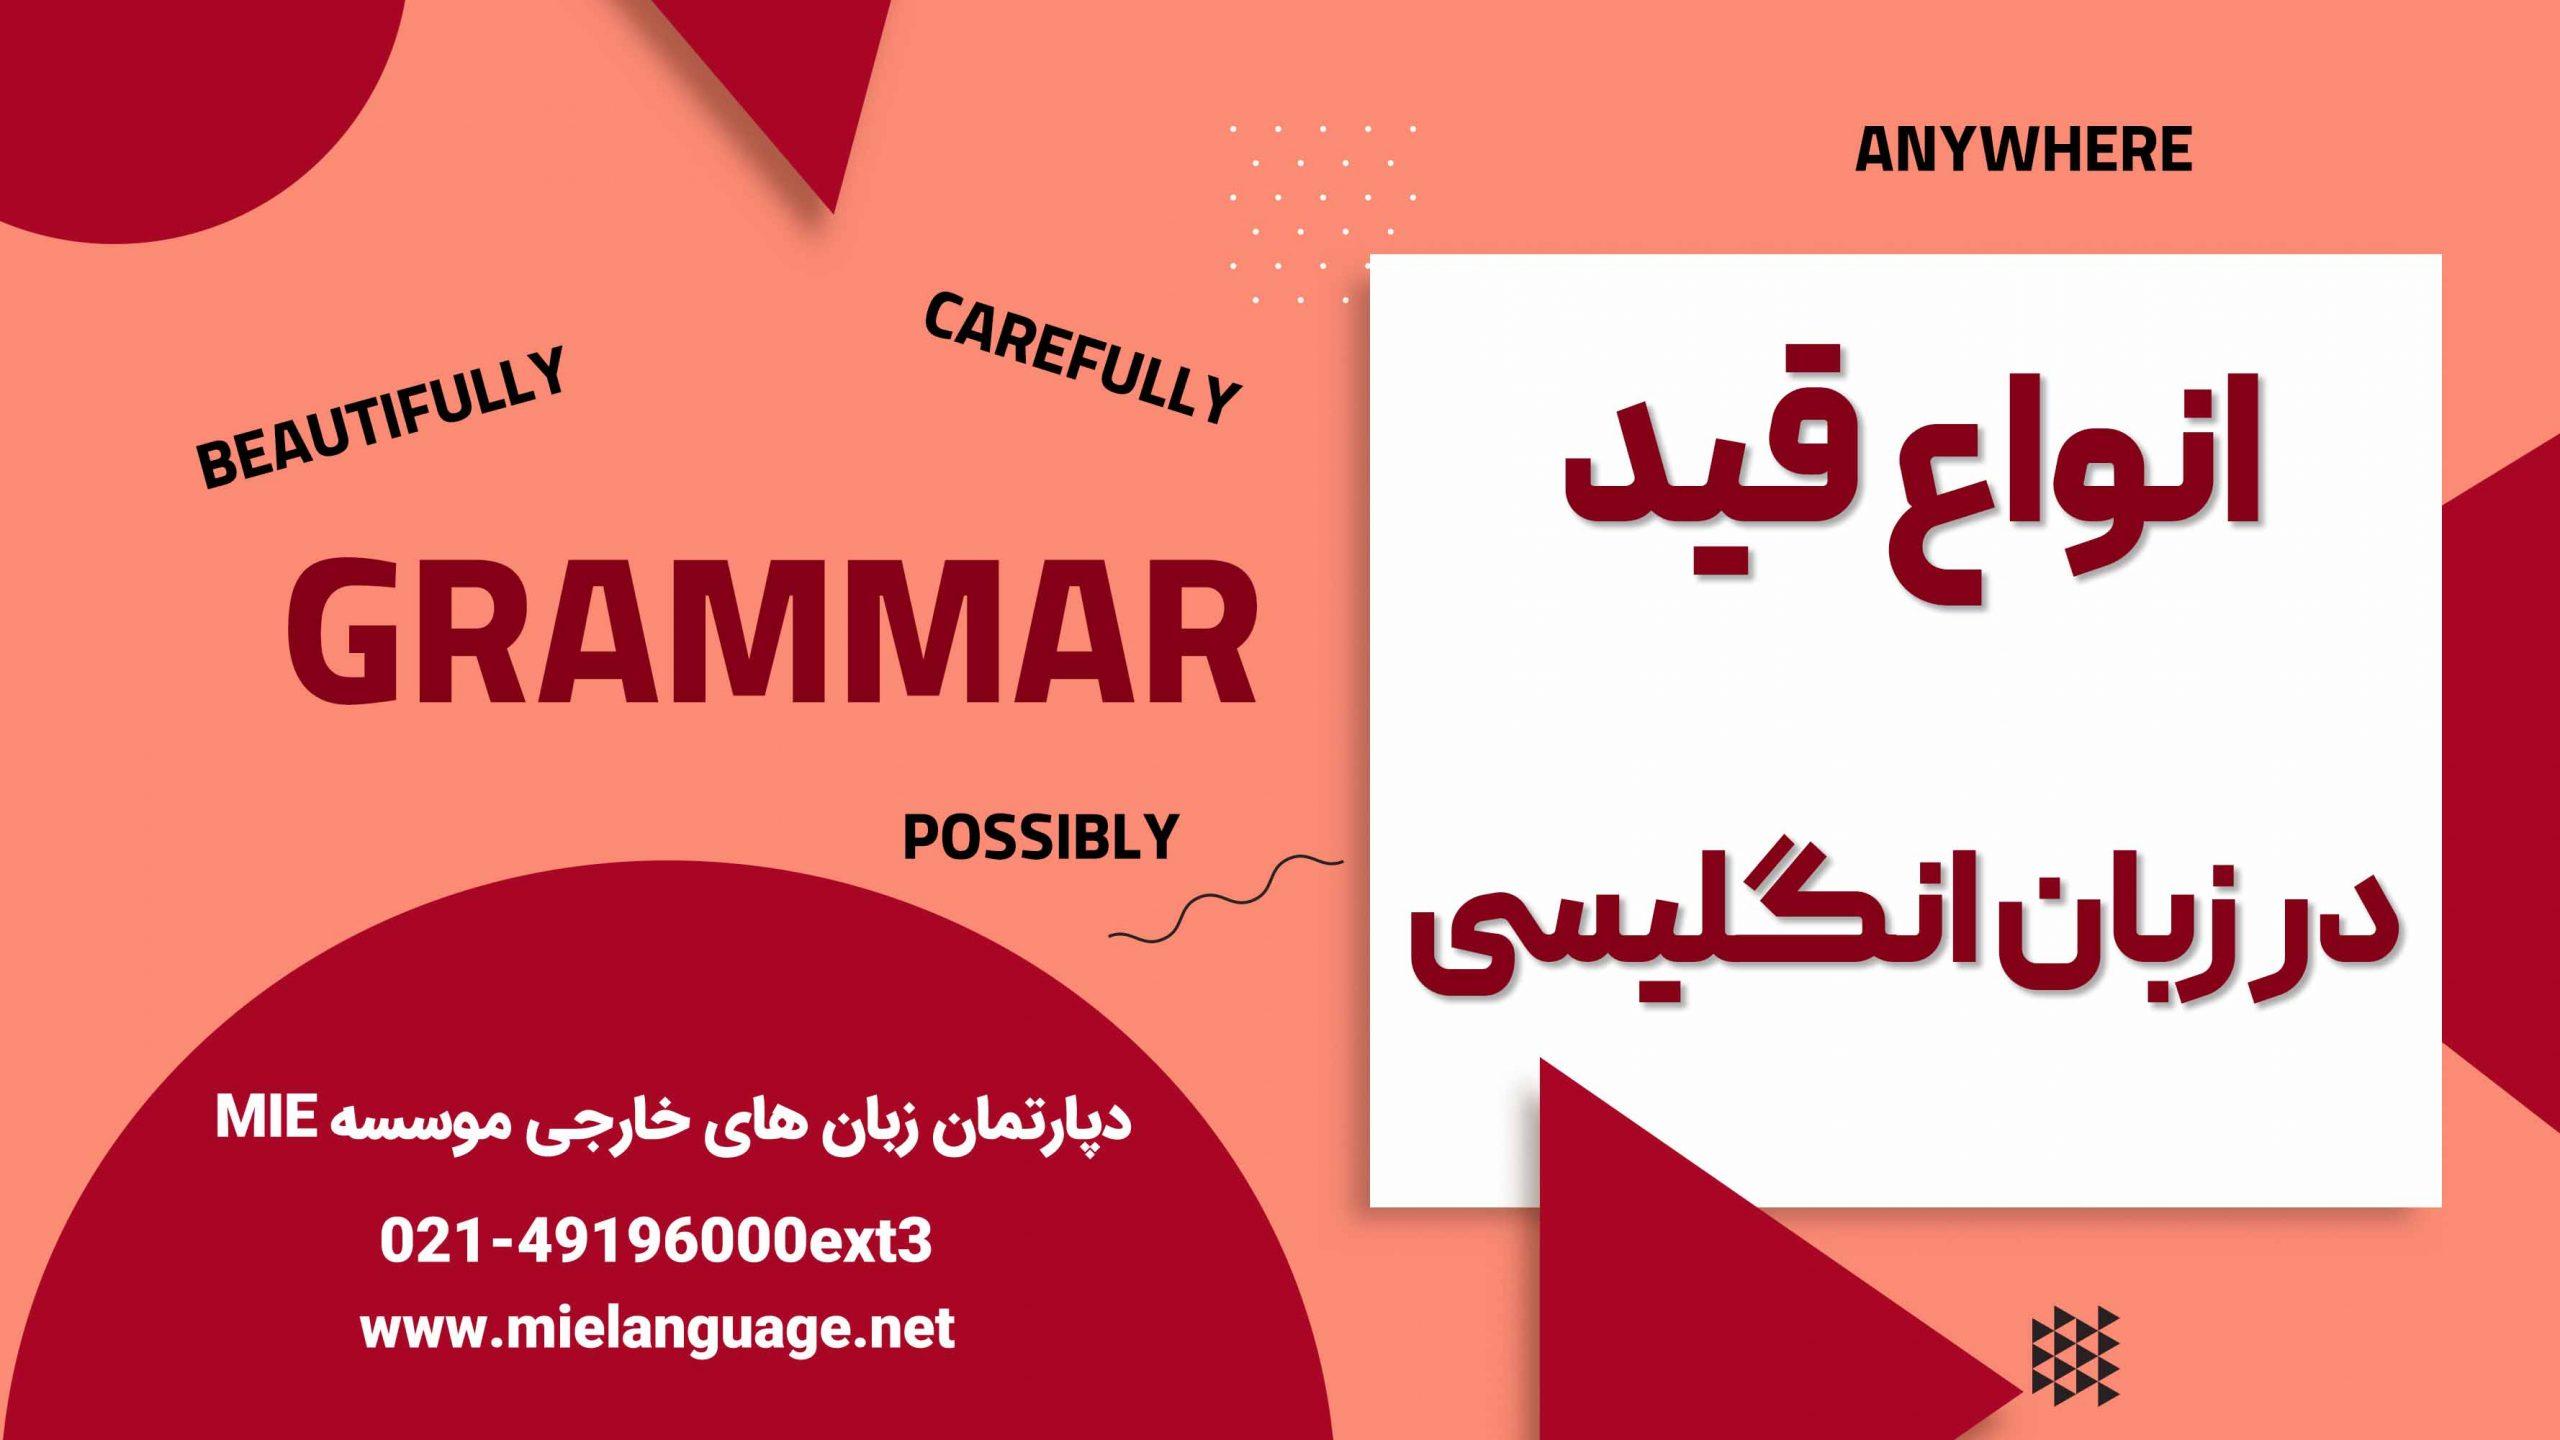 ساده ترین روش یادگیری انواع قید در زبان انگلیسی